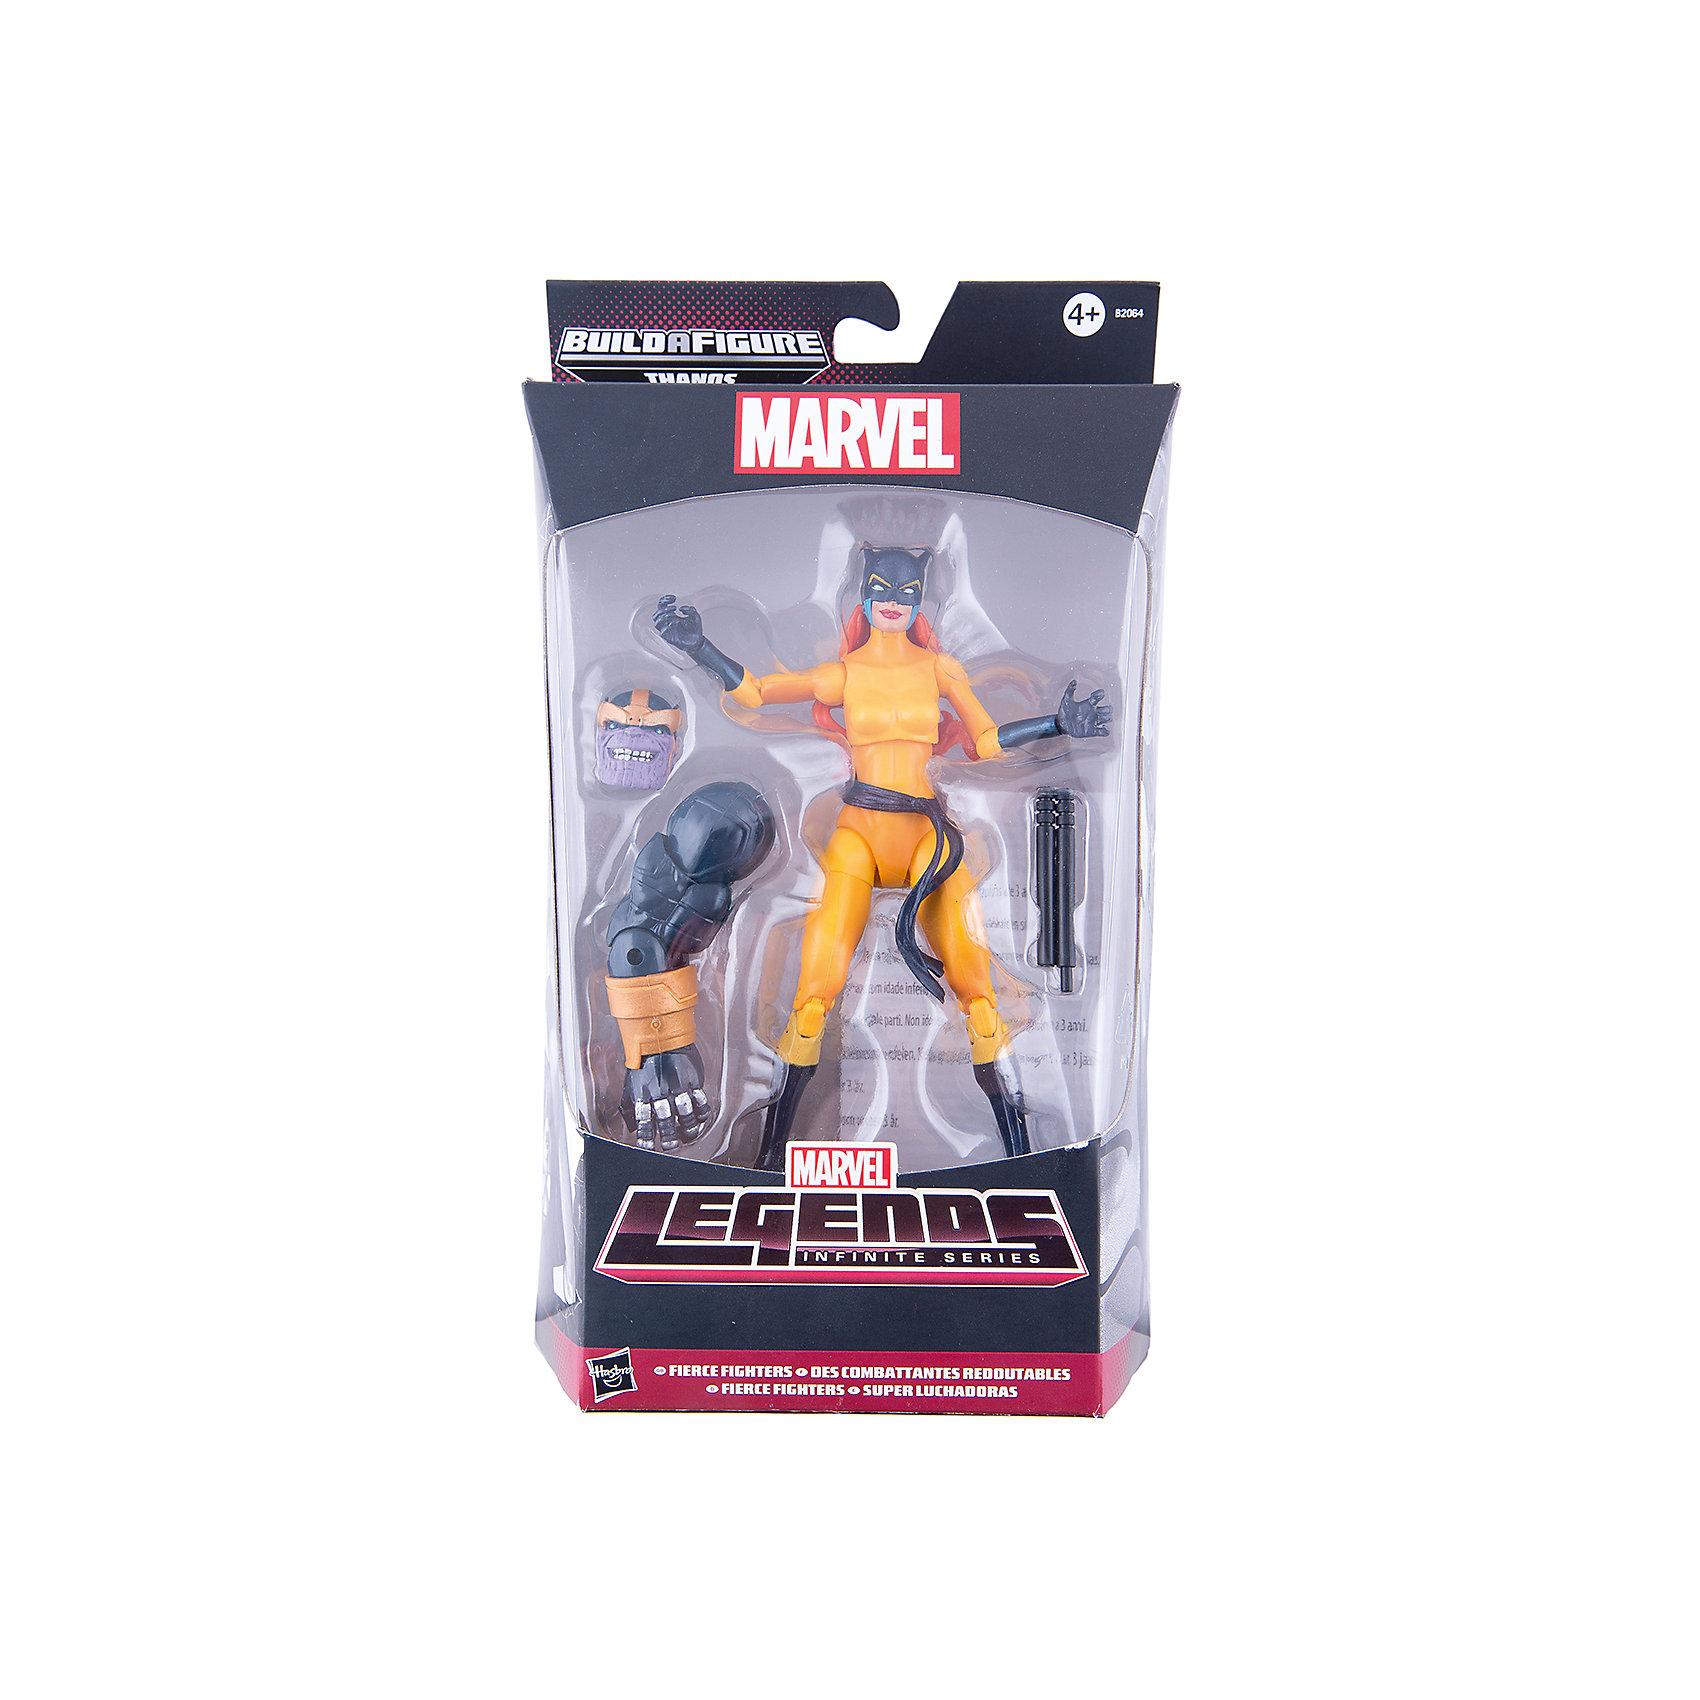 Коллекционная фигурка Марвел 15 см, Marvel Heroes, B2064/B0438Коллекционные и игровые фигурки<br>Коллекционная фигурка, выполненная по мотивам всемирно известных комиксом Marvel приведет в восторг любого мальчишку! Фигурка прекрасно детализирована, обладает большим числом точек артикуляции и подвижных соединений, что позволяет ей принимать разнообразные позы, открывая еще большие возможности для различных игровых сюжетов. Кроме того, в наборе - детали для сборки большого злодея Таноса. Собери все фигурки серии, собери фигурку Таноса и сразись с ним! <br><br>Дополнительная информация:<br><br>- Материал: пластик.<br>- Размер фигурки: 15 см.<br>- Подвижные конечности.<br>- Комплектация: фигурка, аксессуары, детали для фигурки Таноса.<br><br>Коллекционную фигурку Марвел 15 см, Marvel Heroes, можно купить в нашем магазине.<br><br>Ширина мм: 64<br>Глубина мм: 152<br>Высота мм: 267<br>Вес г: 220<br>Возраст от месяцев: 48<br>Возраст до месяцев: 192<br>Пол: Мужской<br>Возраст: Детский<br>SKU: 4563954